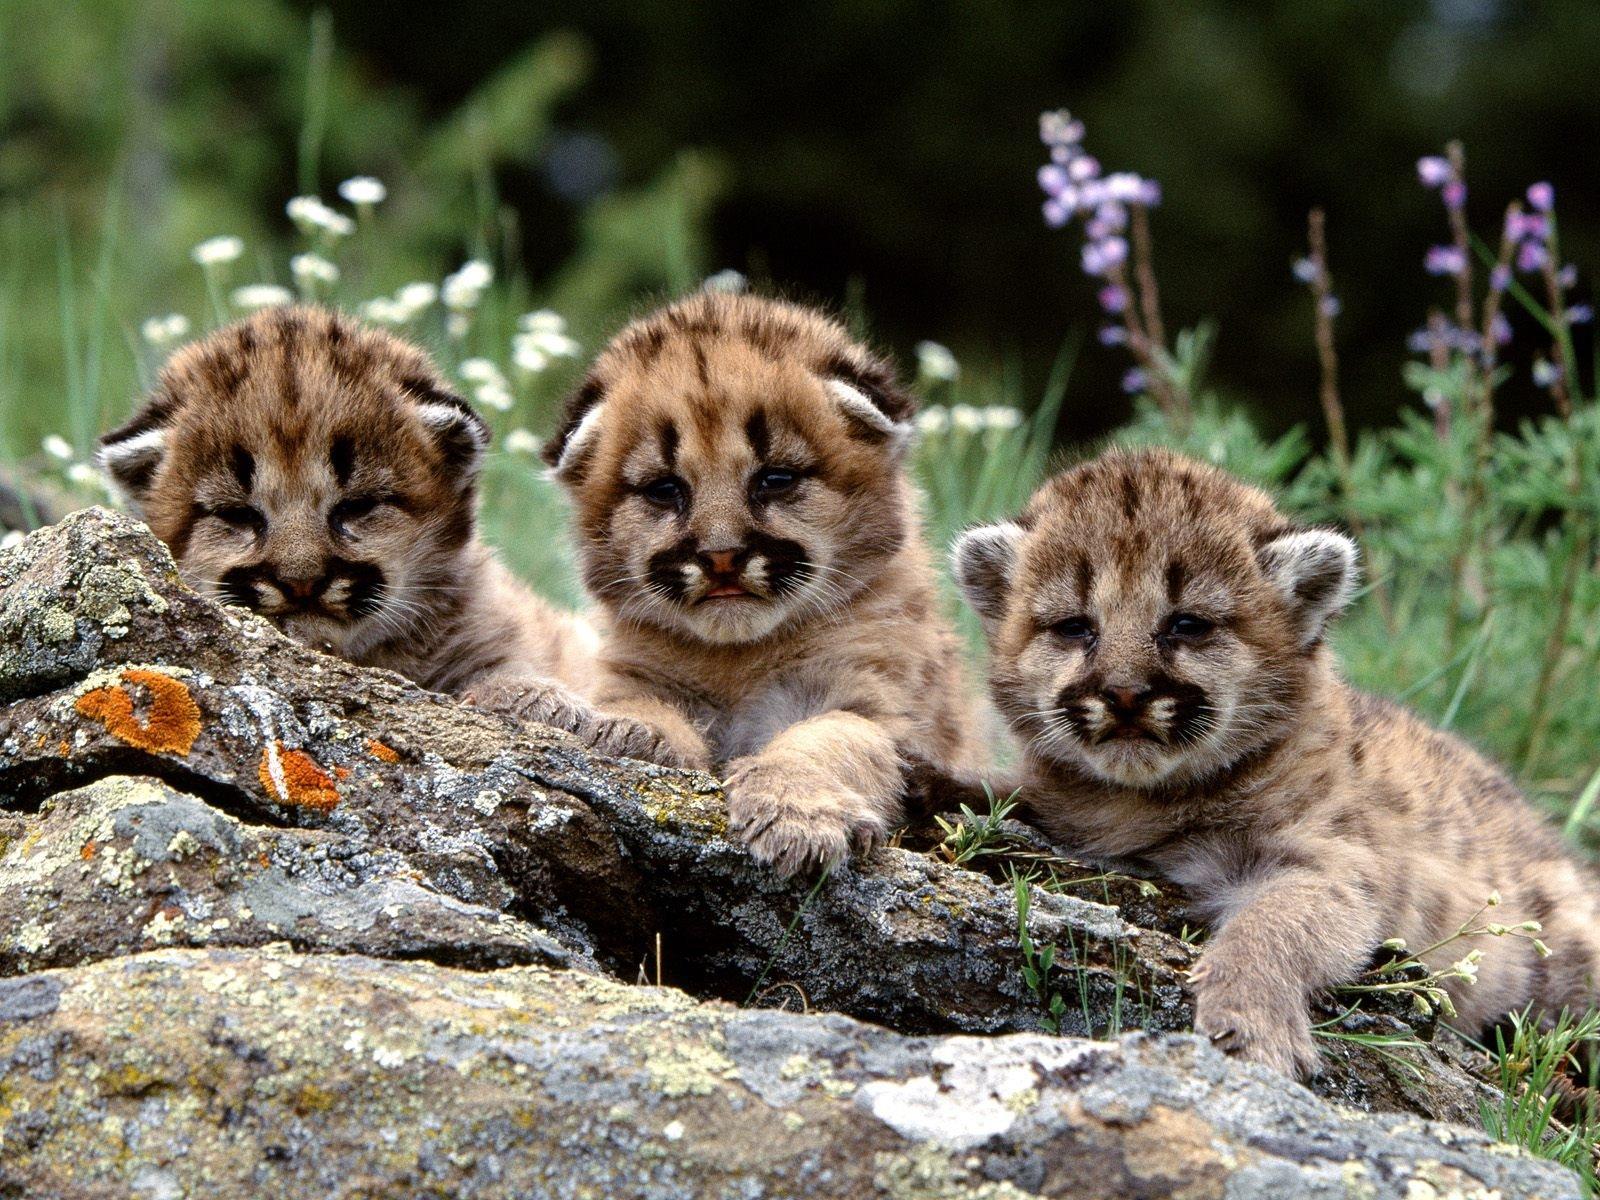 В 2017 году в Московском зоопарке на свет появились около 600 детенышей